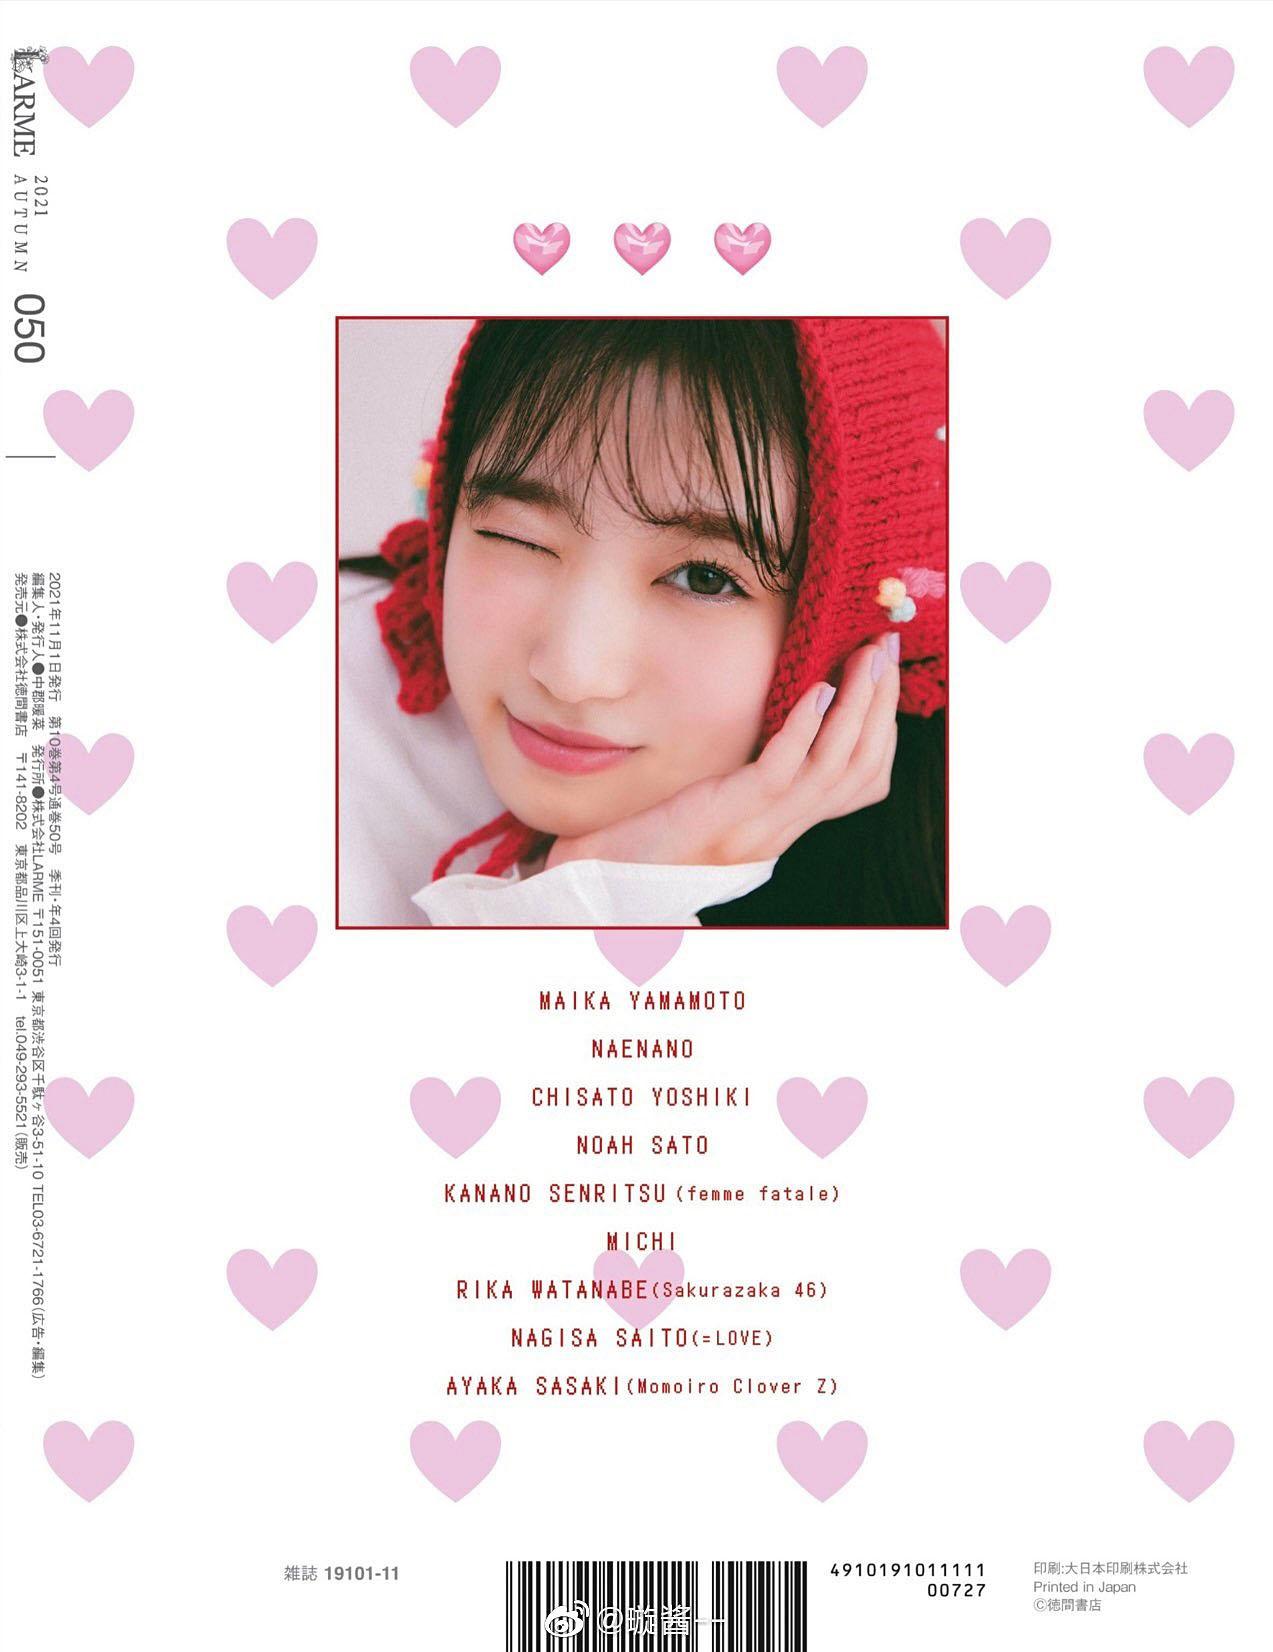 Nako Yabuki HKT48 Larme 50 2021 09.jpg